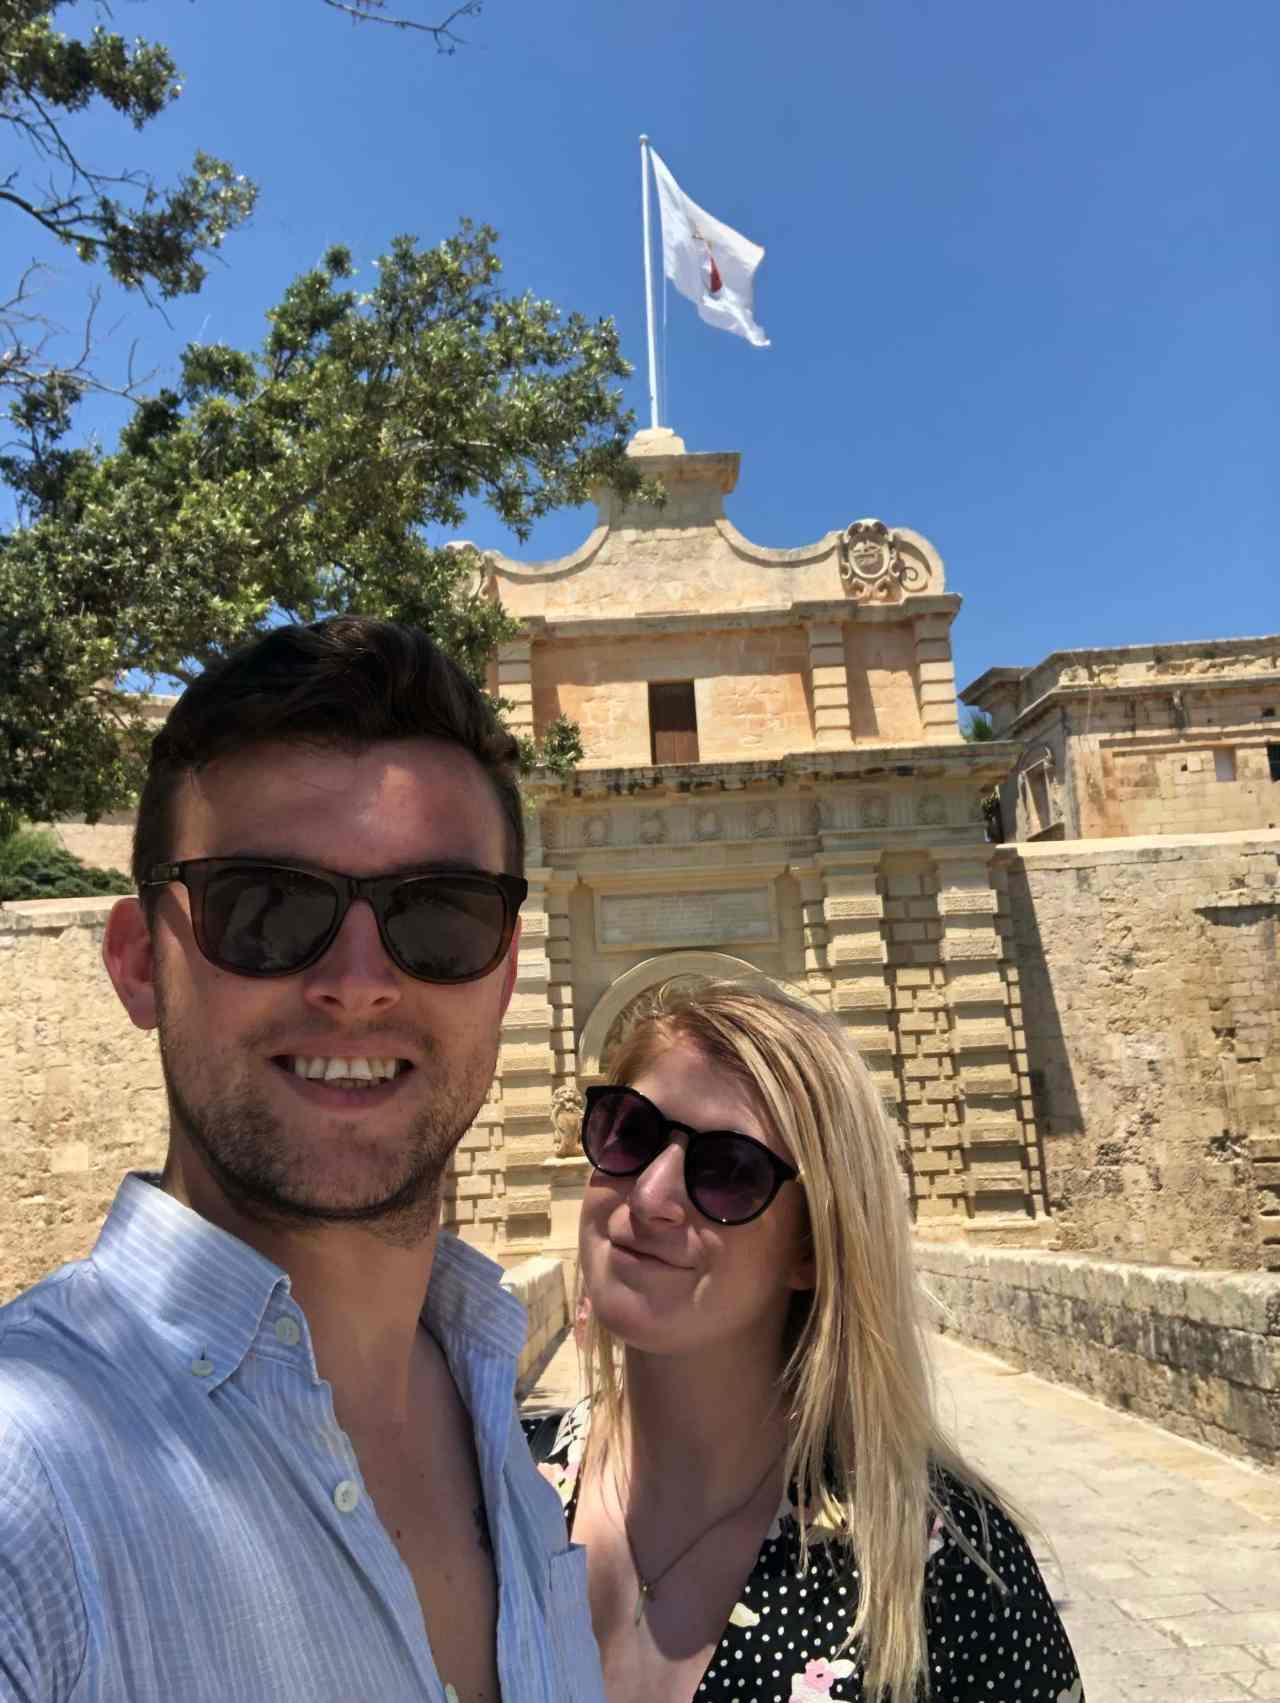 Game of Thrones gate Malta